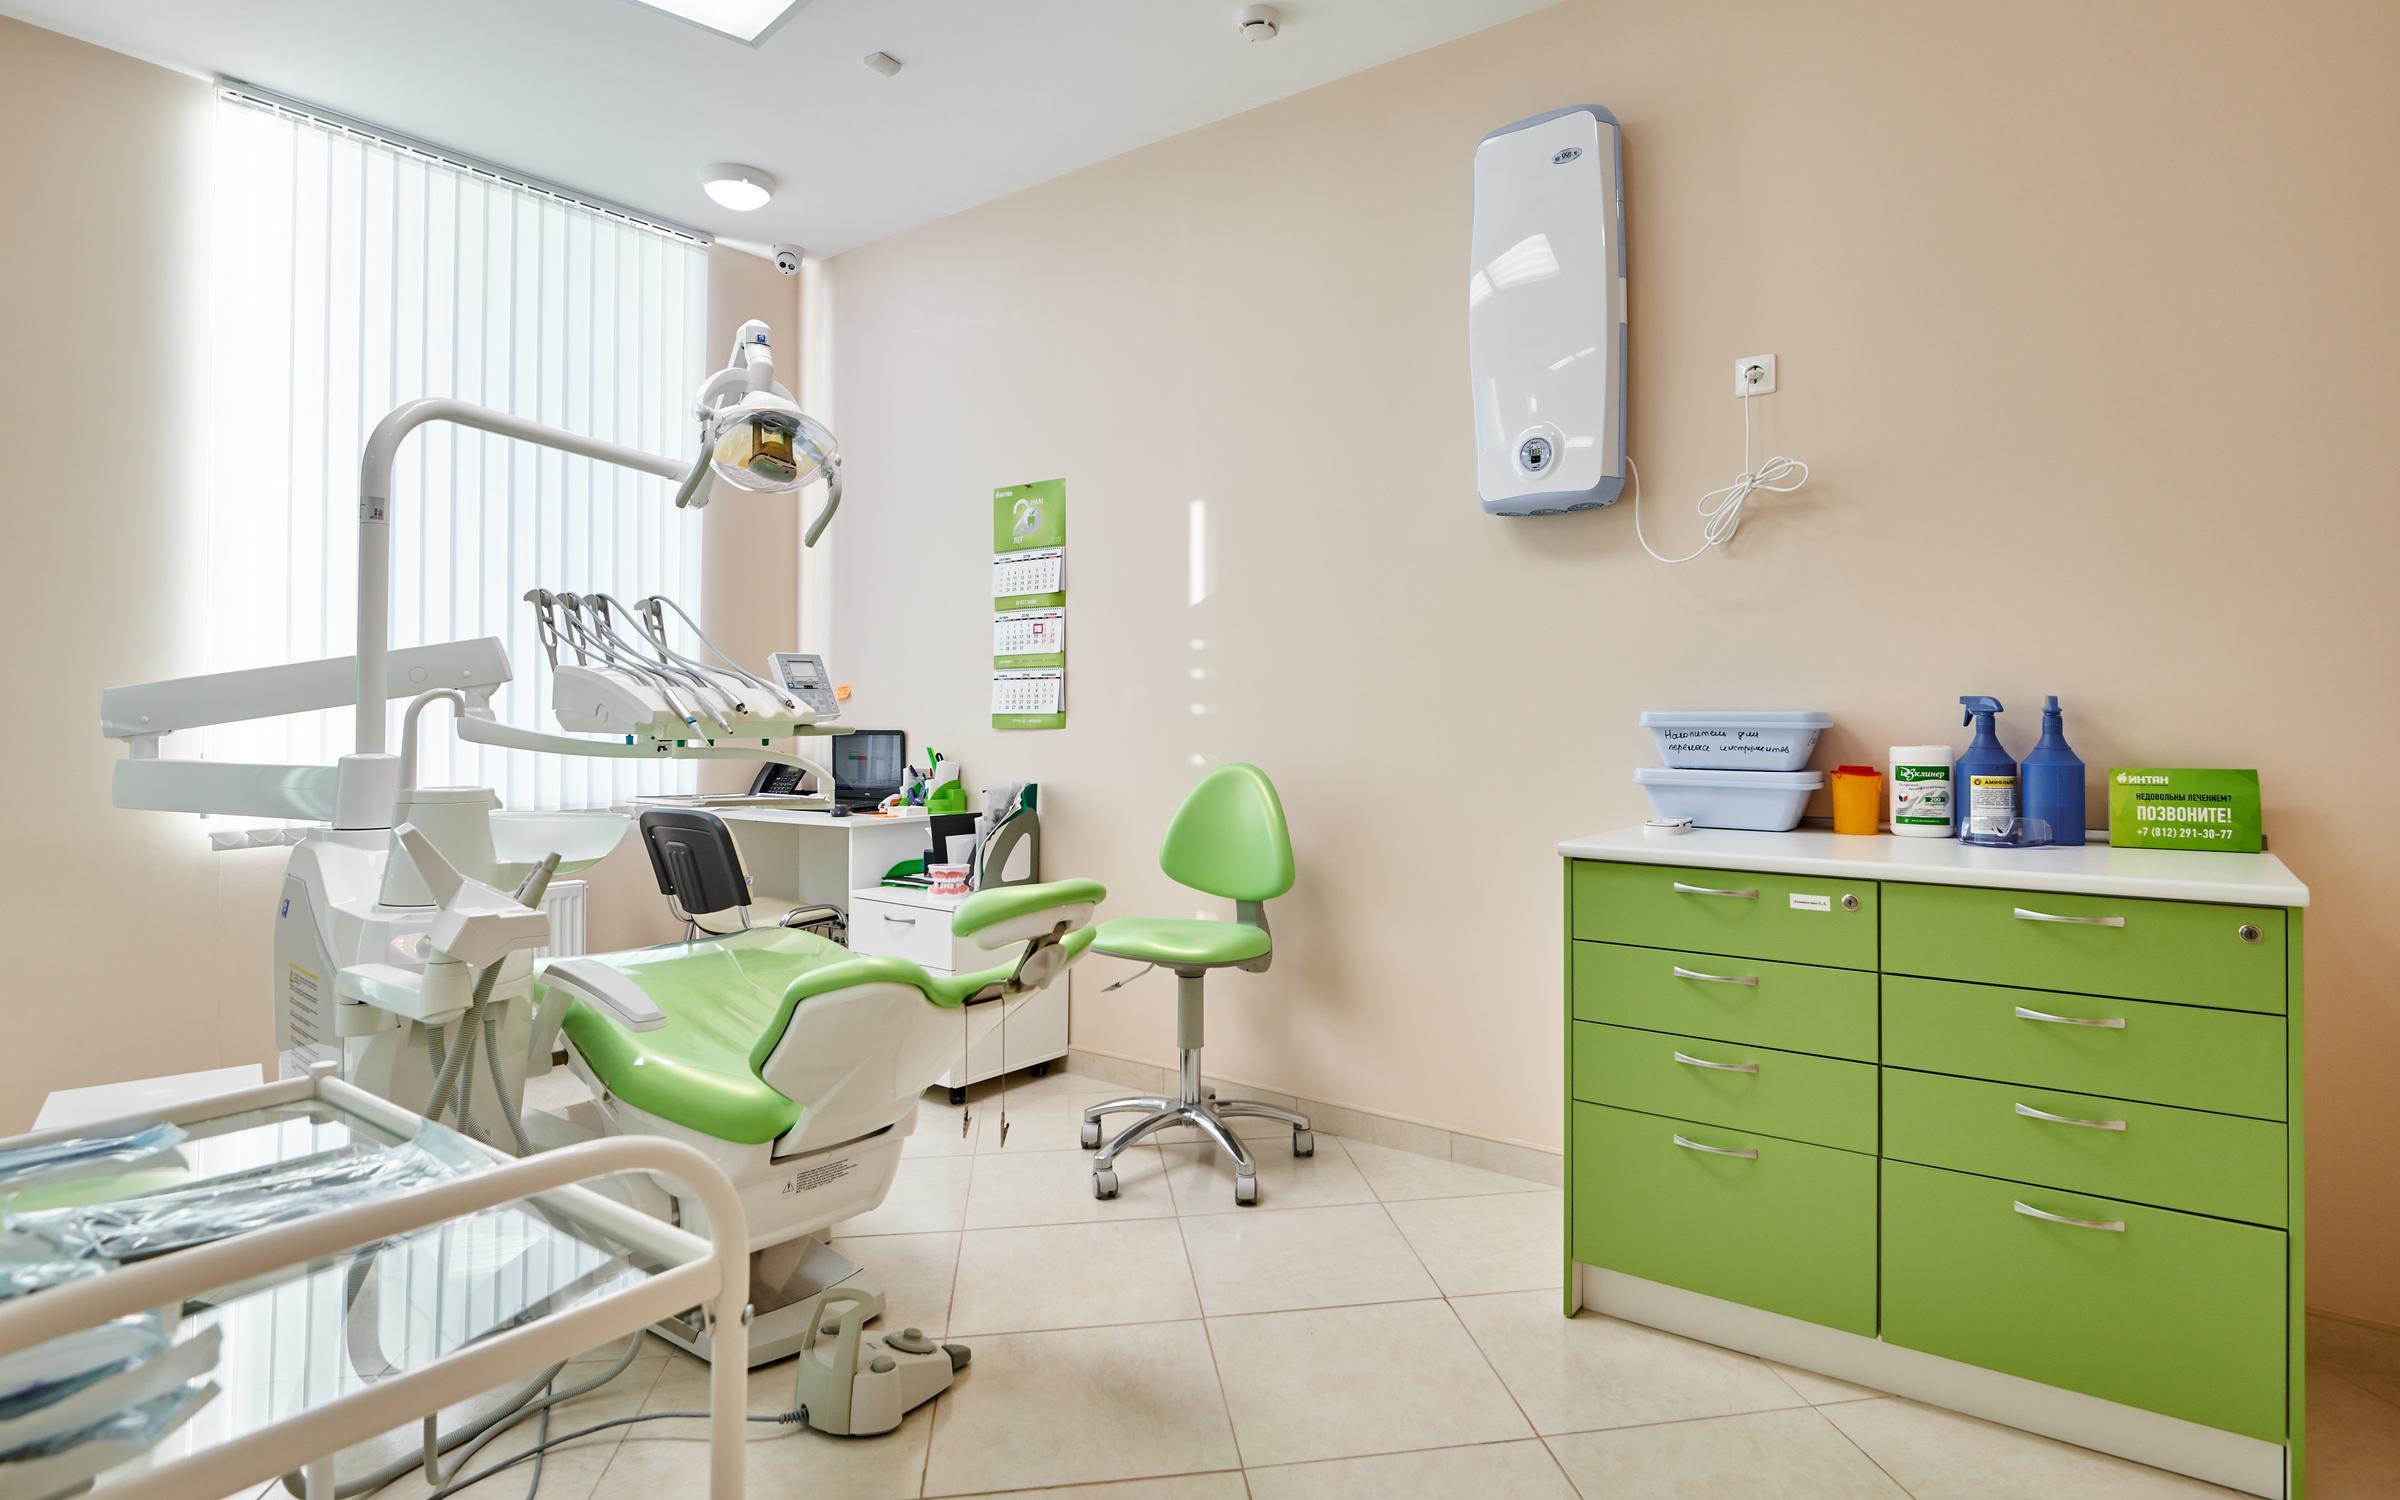 фотография Центра имплантации и стоматологии ИНТАН на Заневском проспекте